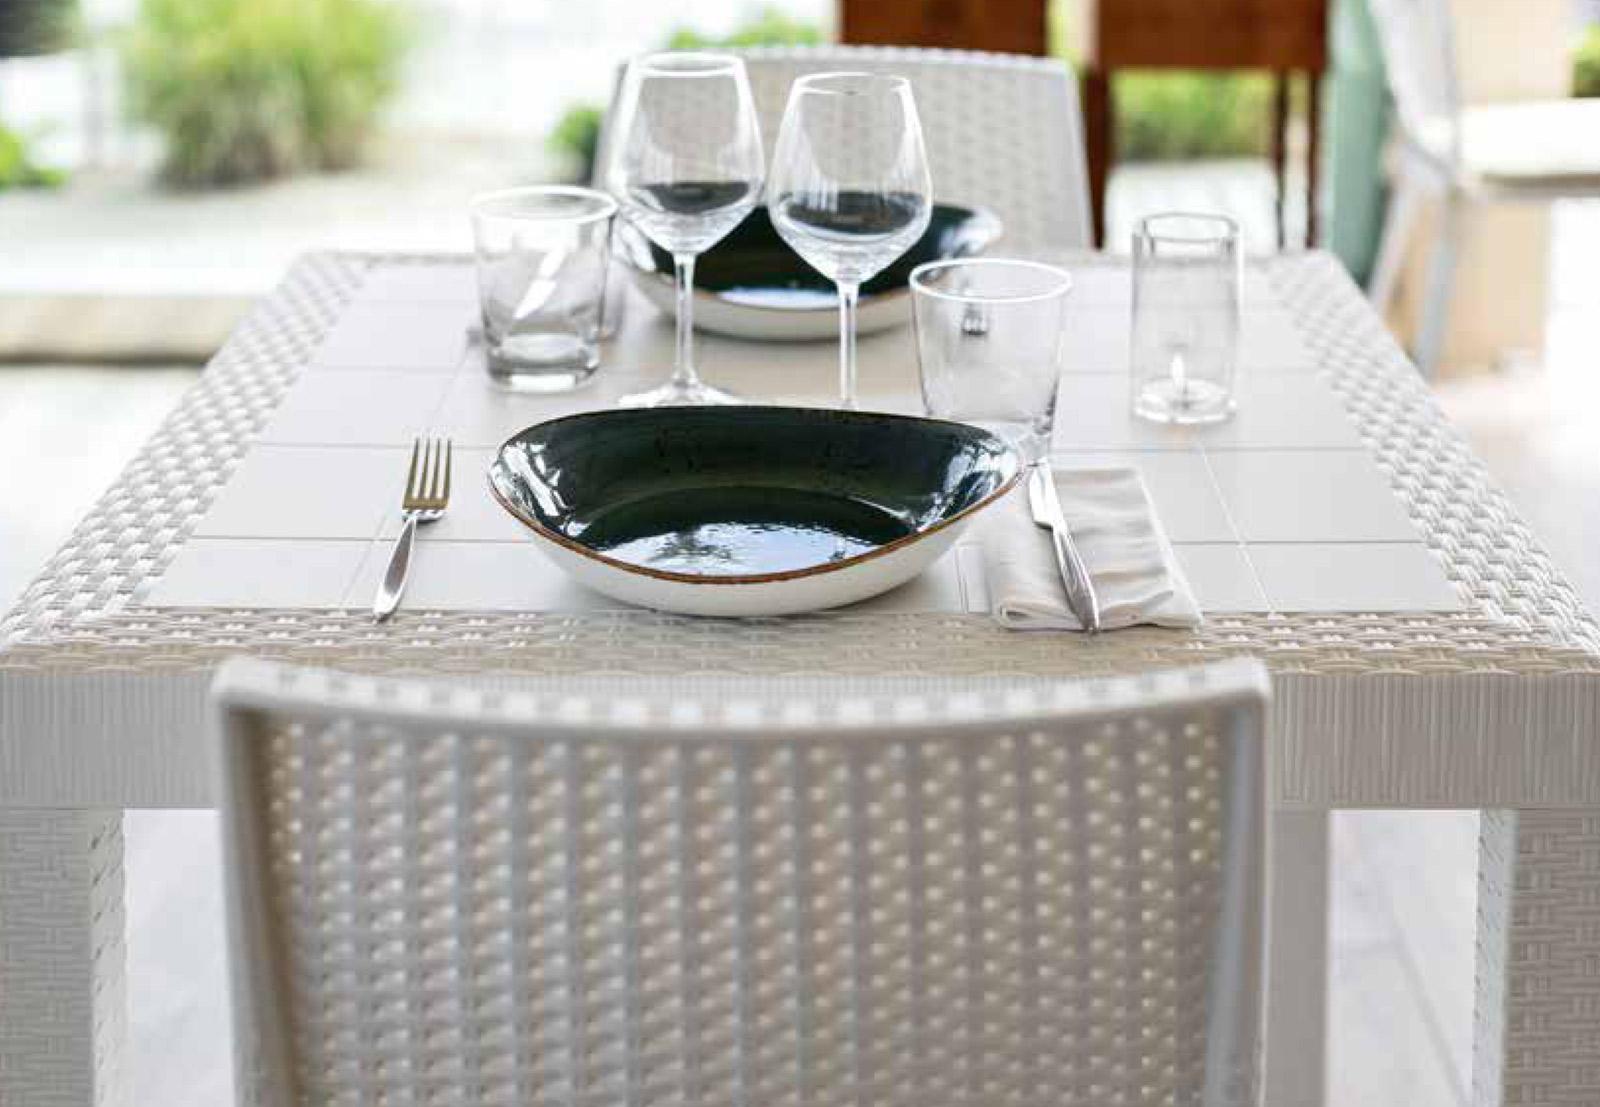 Tavolo da esterno quadrato 80x80 cm bianco da giardino in ...